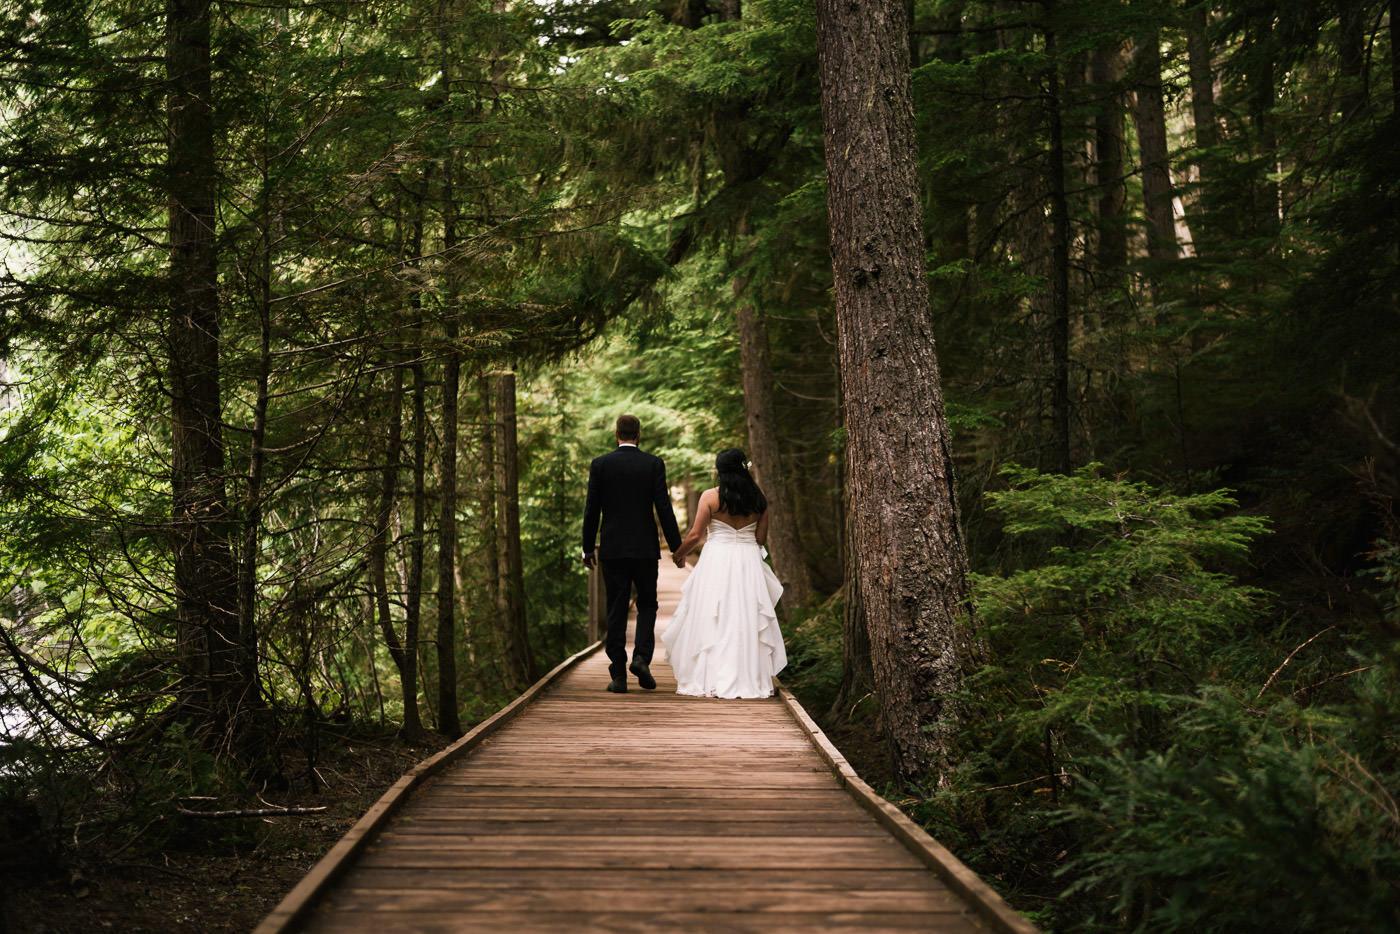 Newlyweds walk down the boardwalk through the trail of cedars.